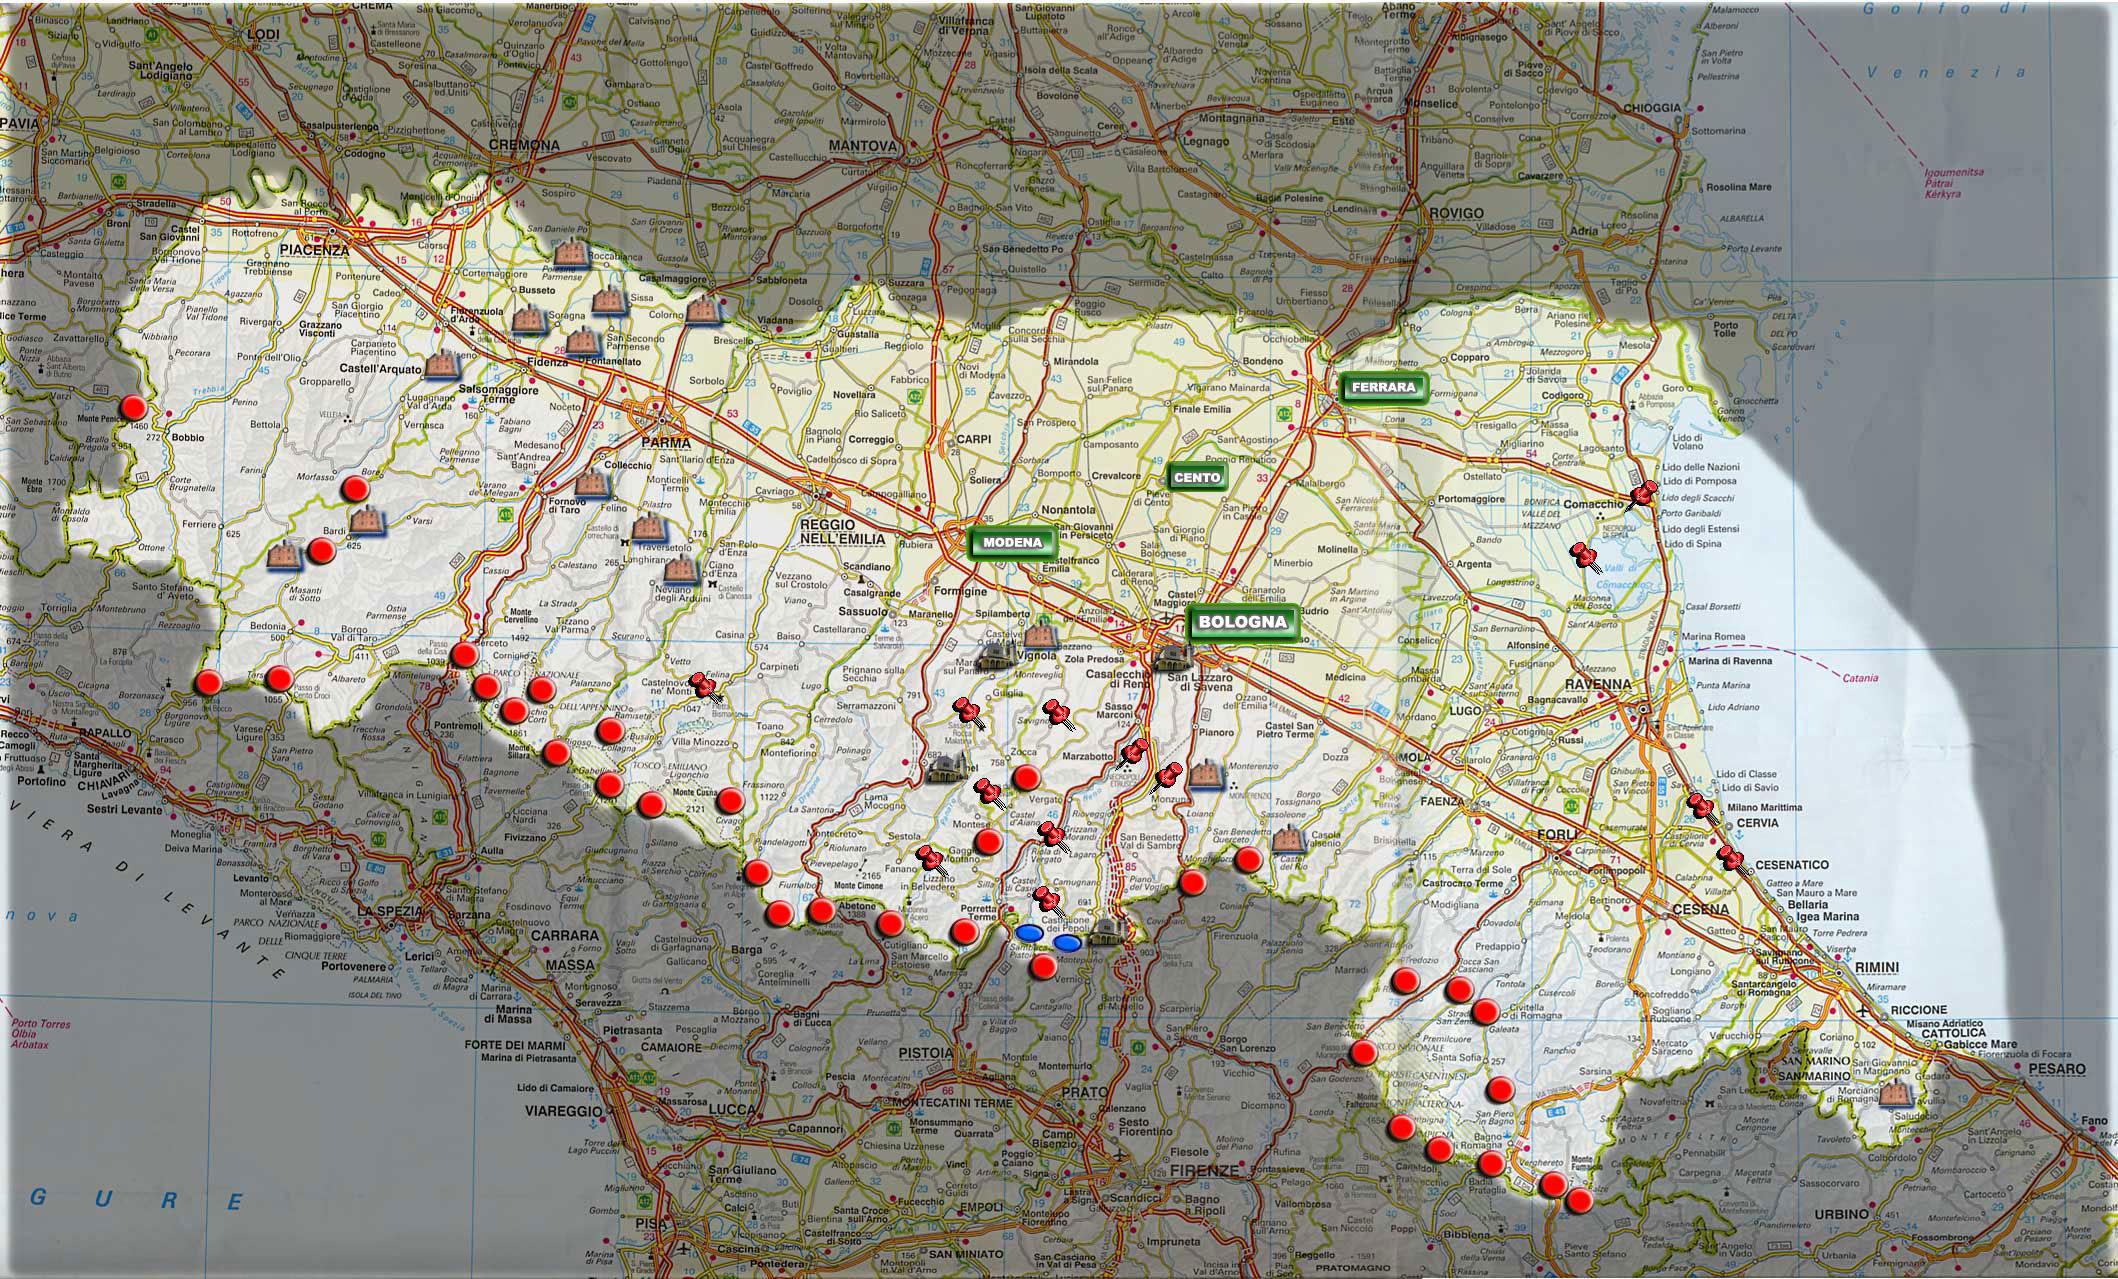 Cartina Topografica Emilia Romagna.La Mappa Interattiva Dell Emilia Romagna